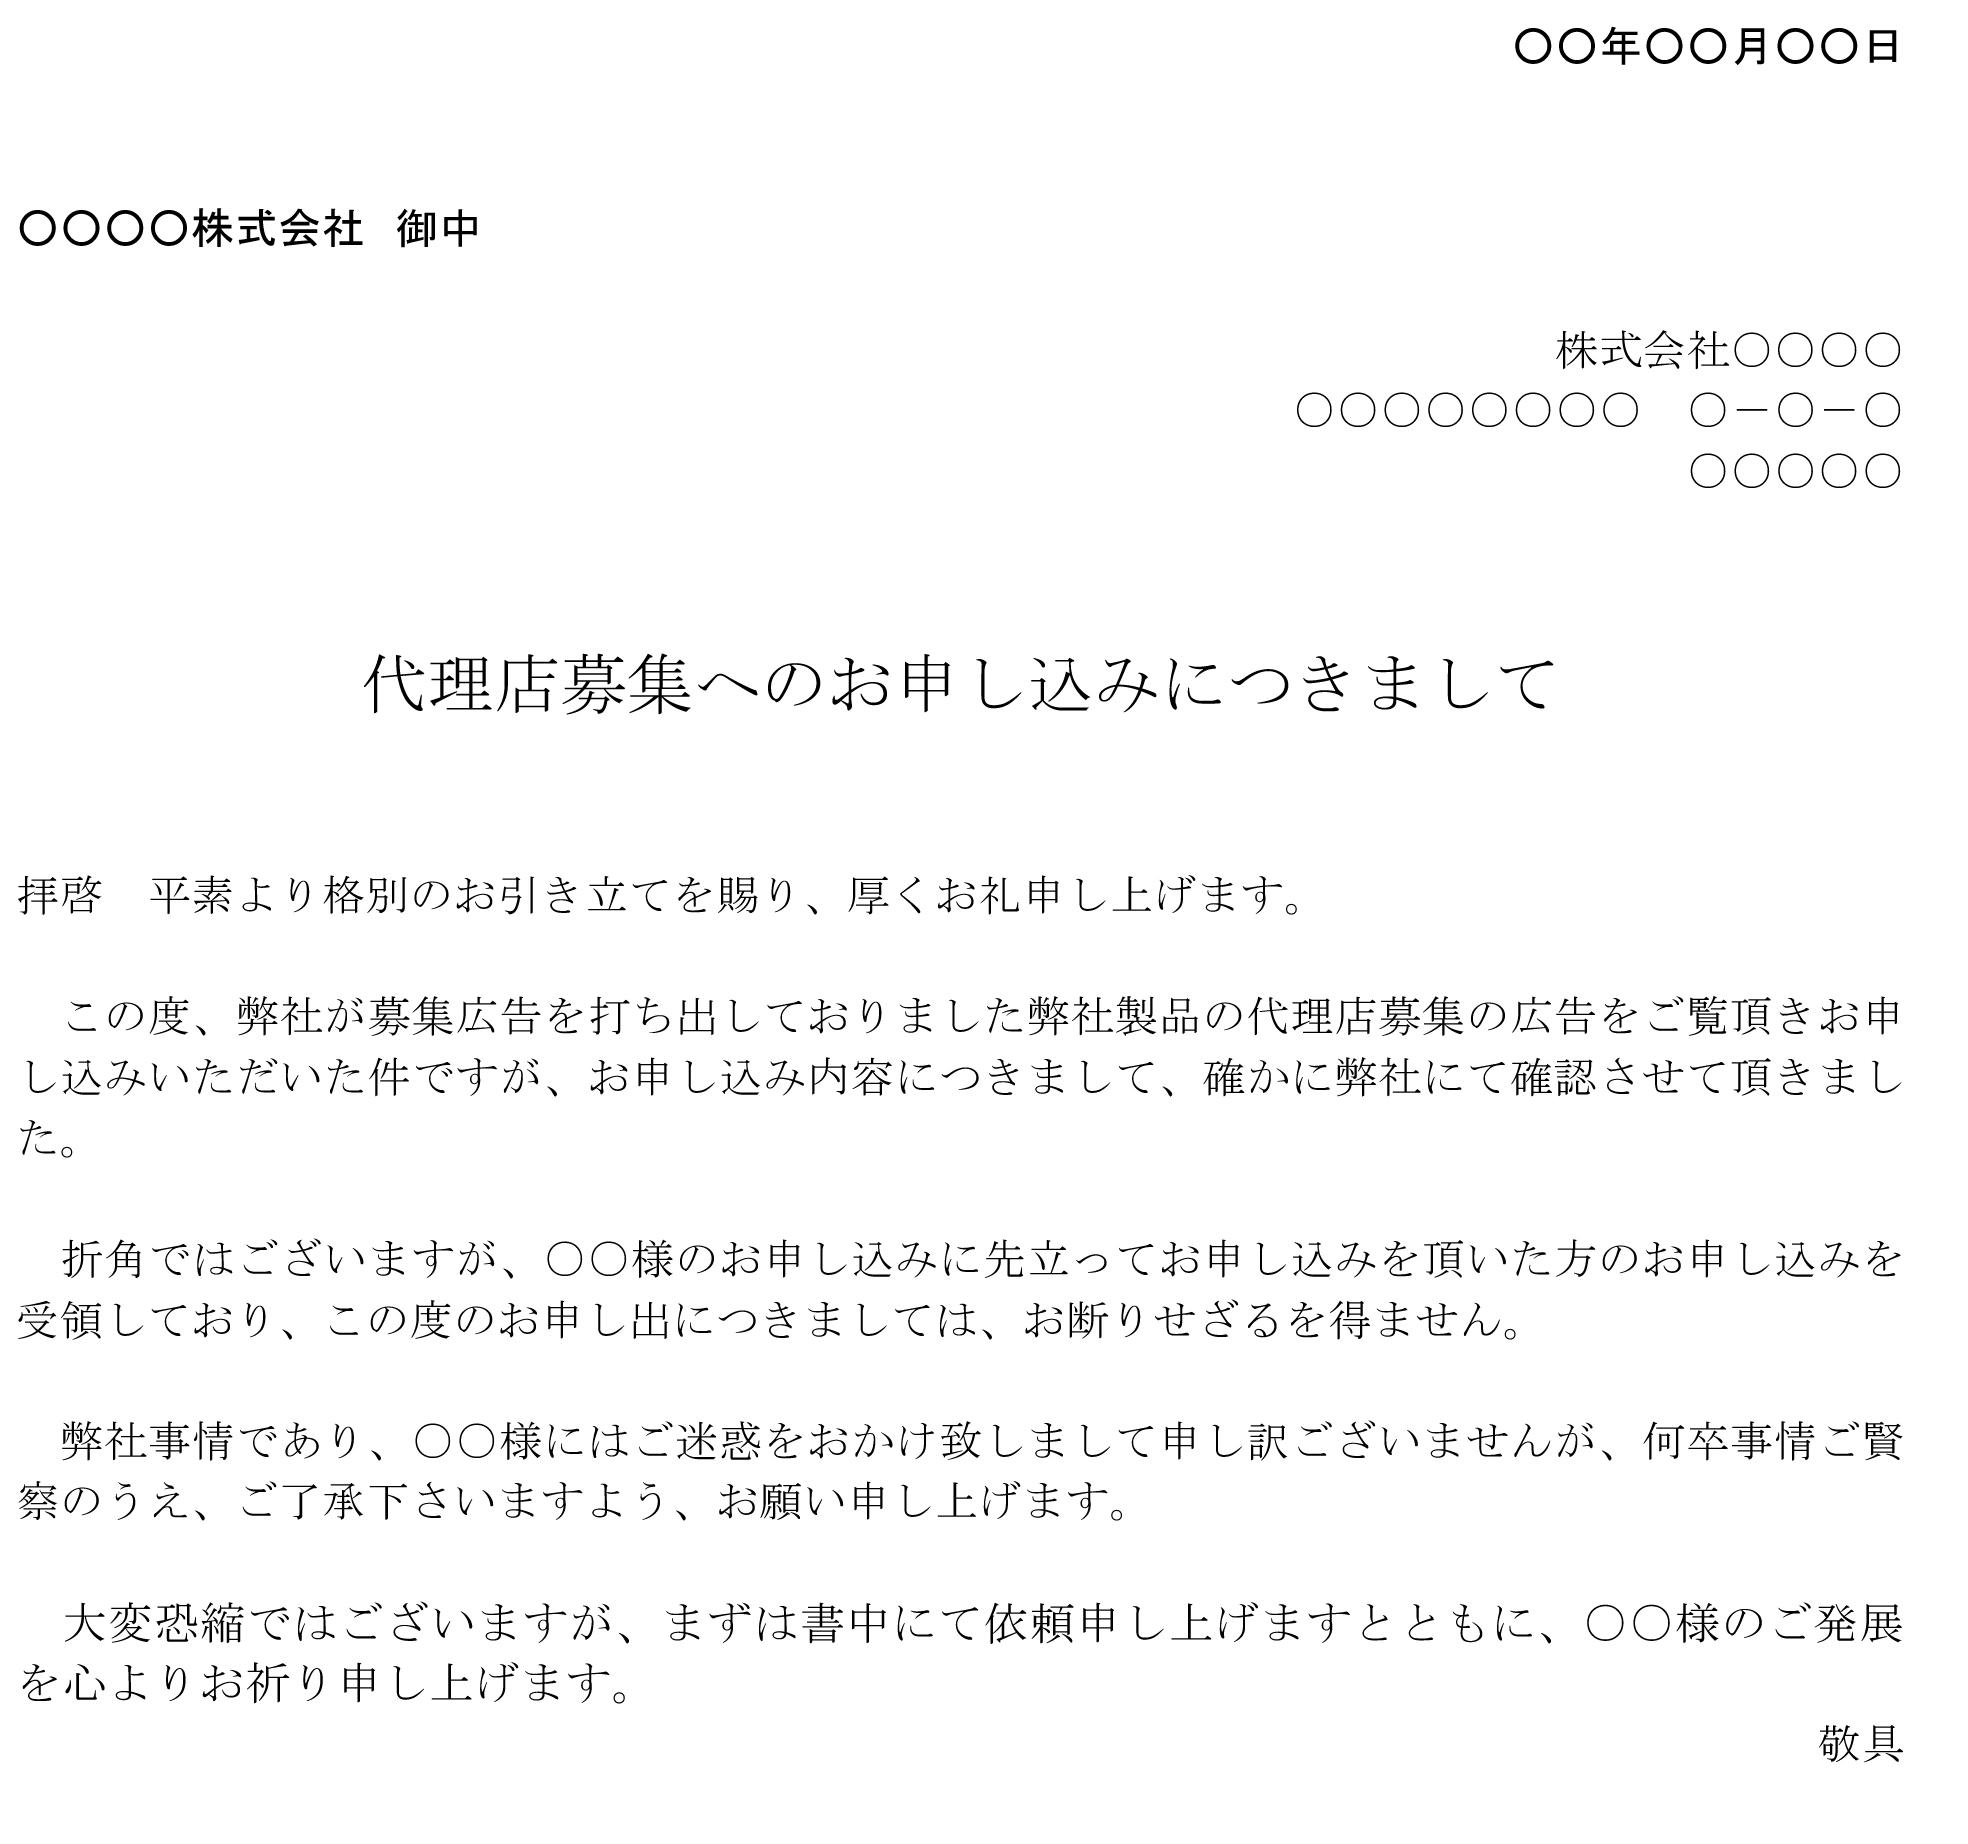 断り状(申込み)01